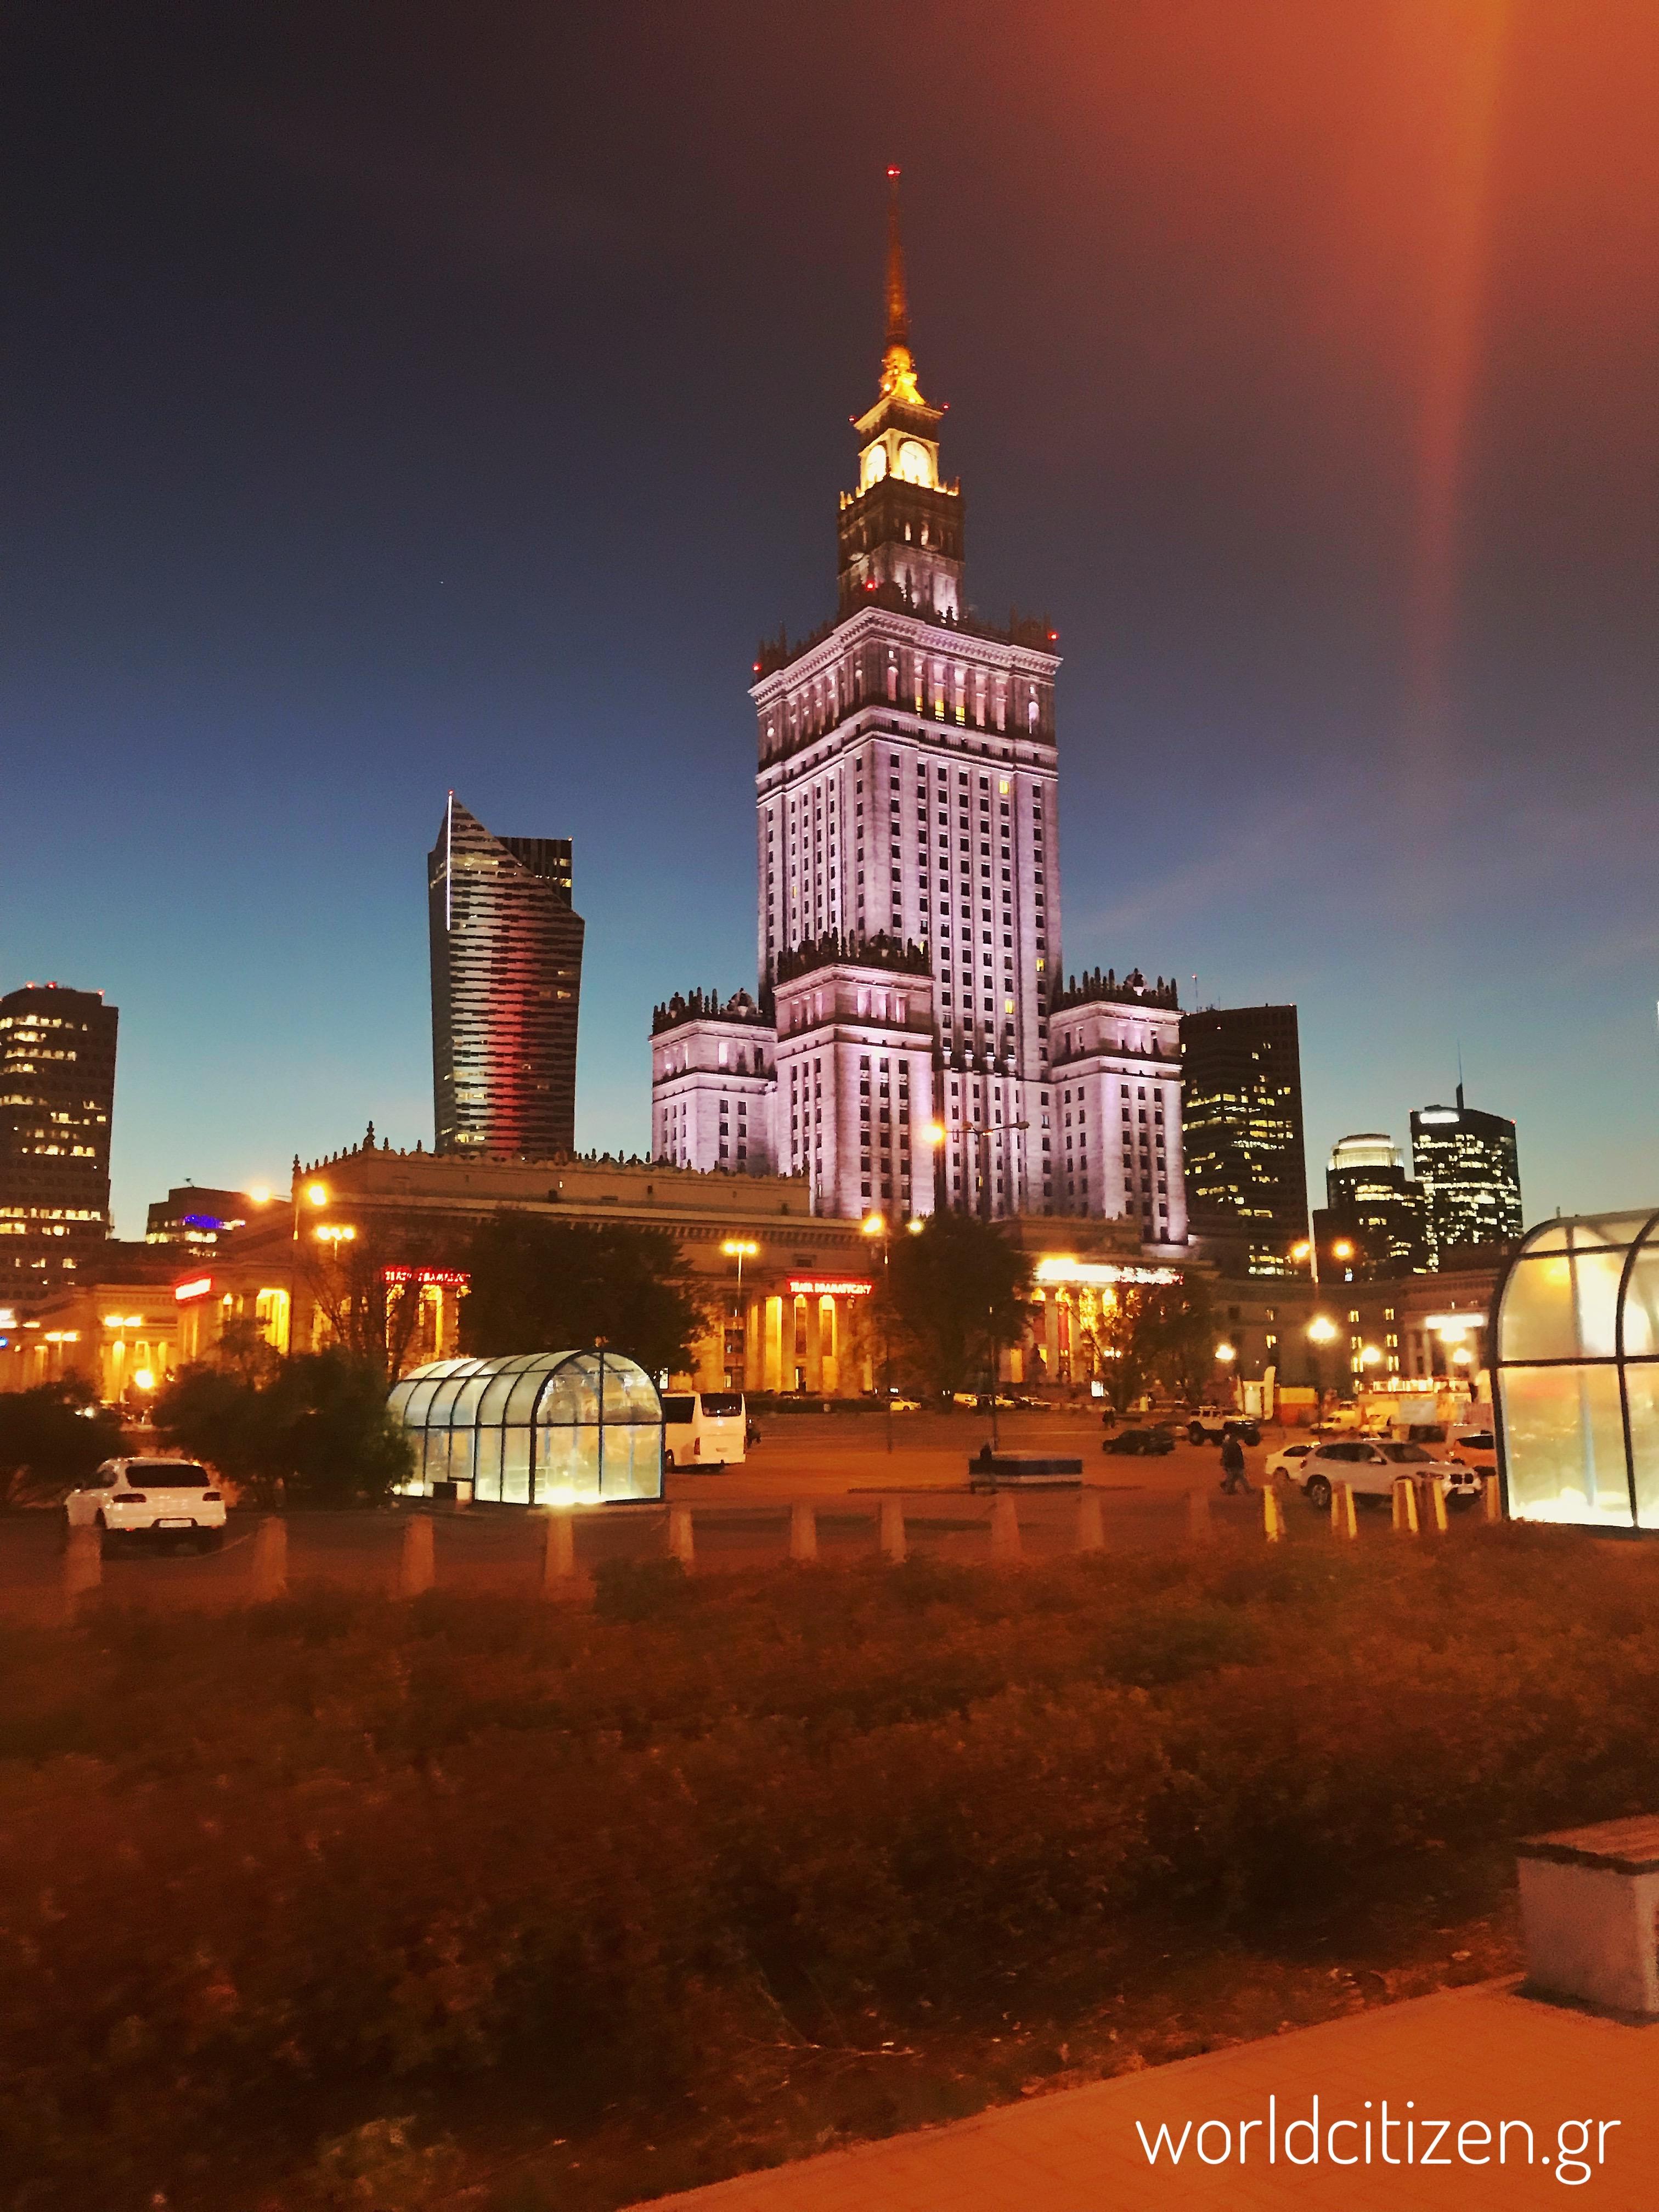 Το παλάτι του πολιτισμού & της επιστήμης στη Βαρσοβία της Πολωνίας φωτισμένο κατά τη νύχτα 2.